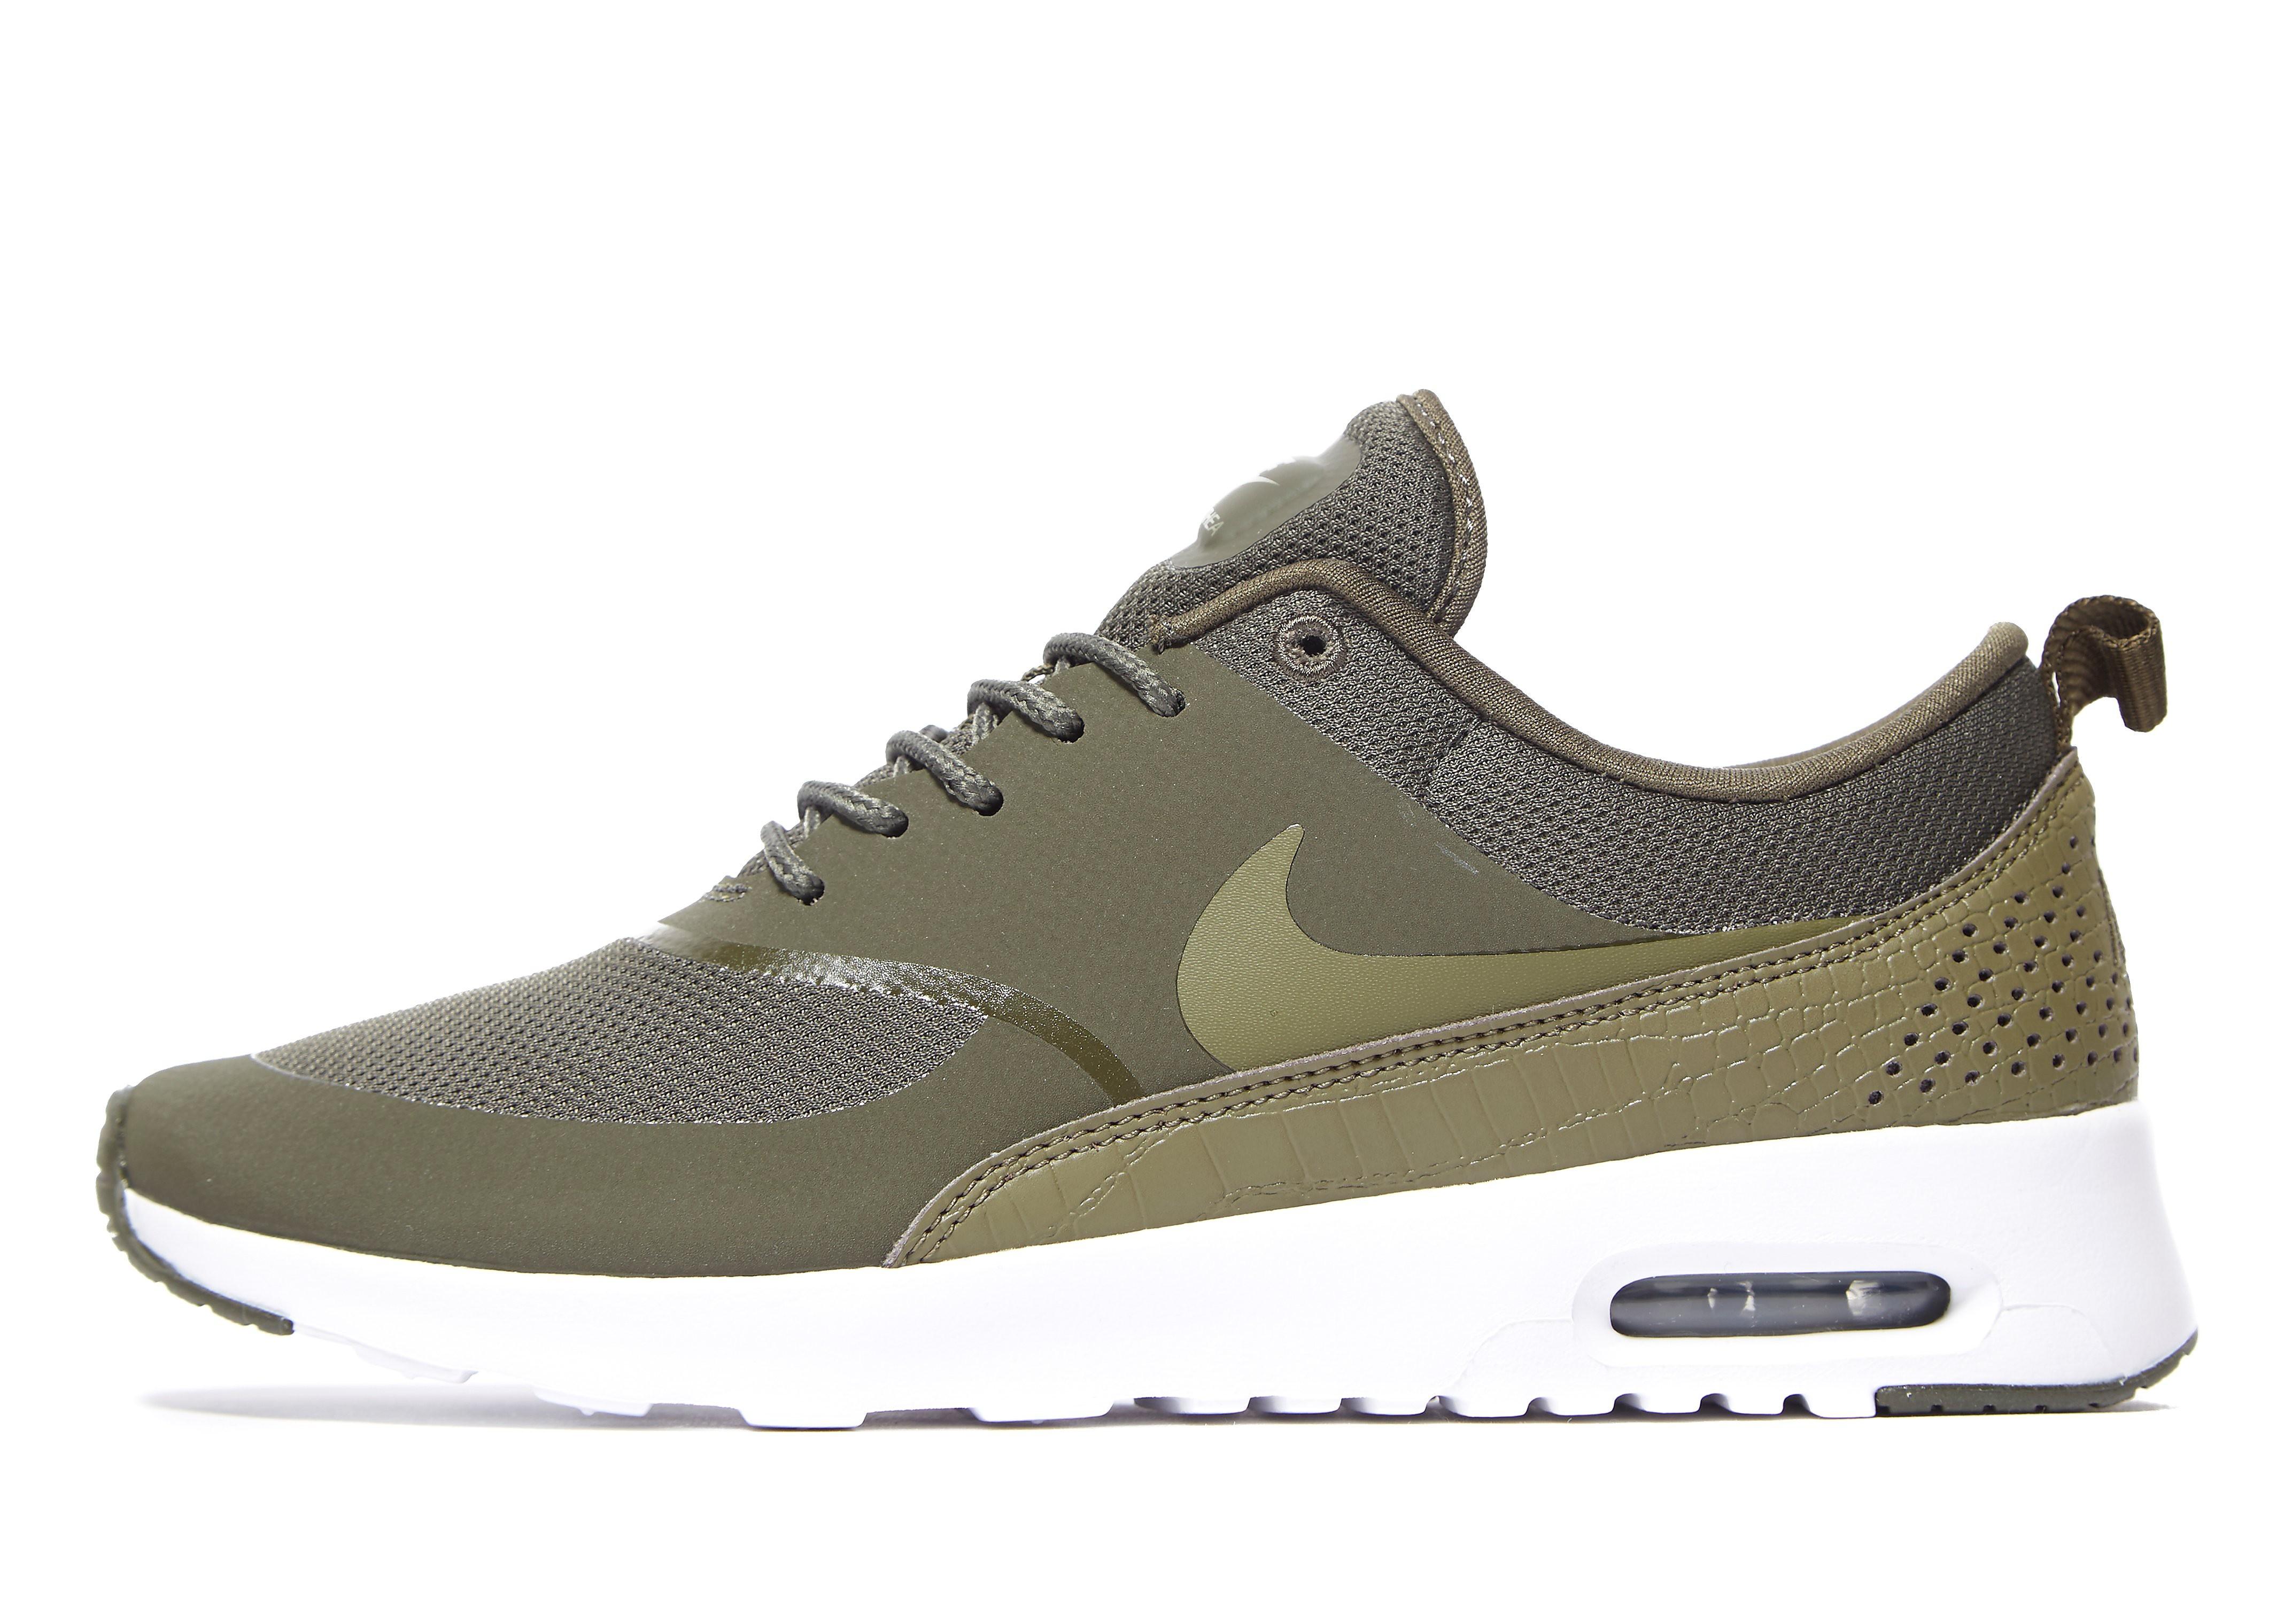 Nike Air Max Thea Femme